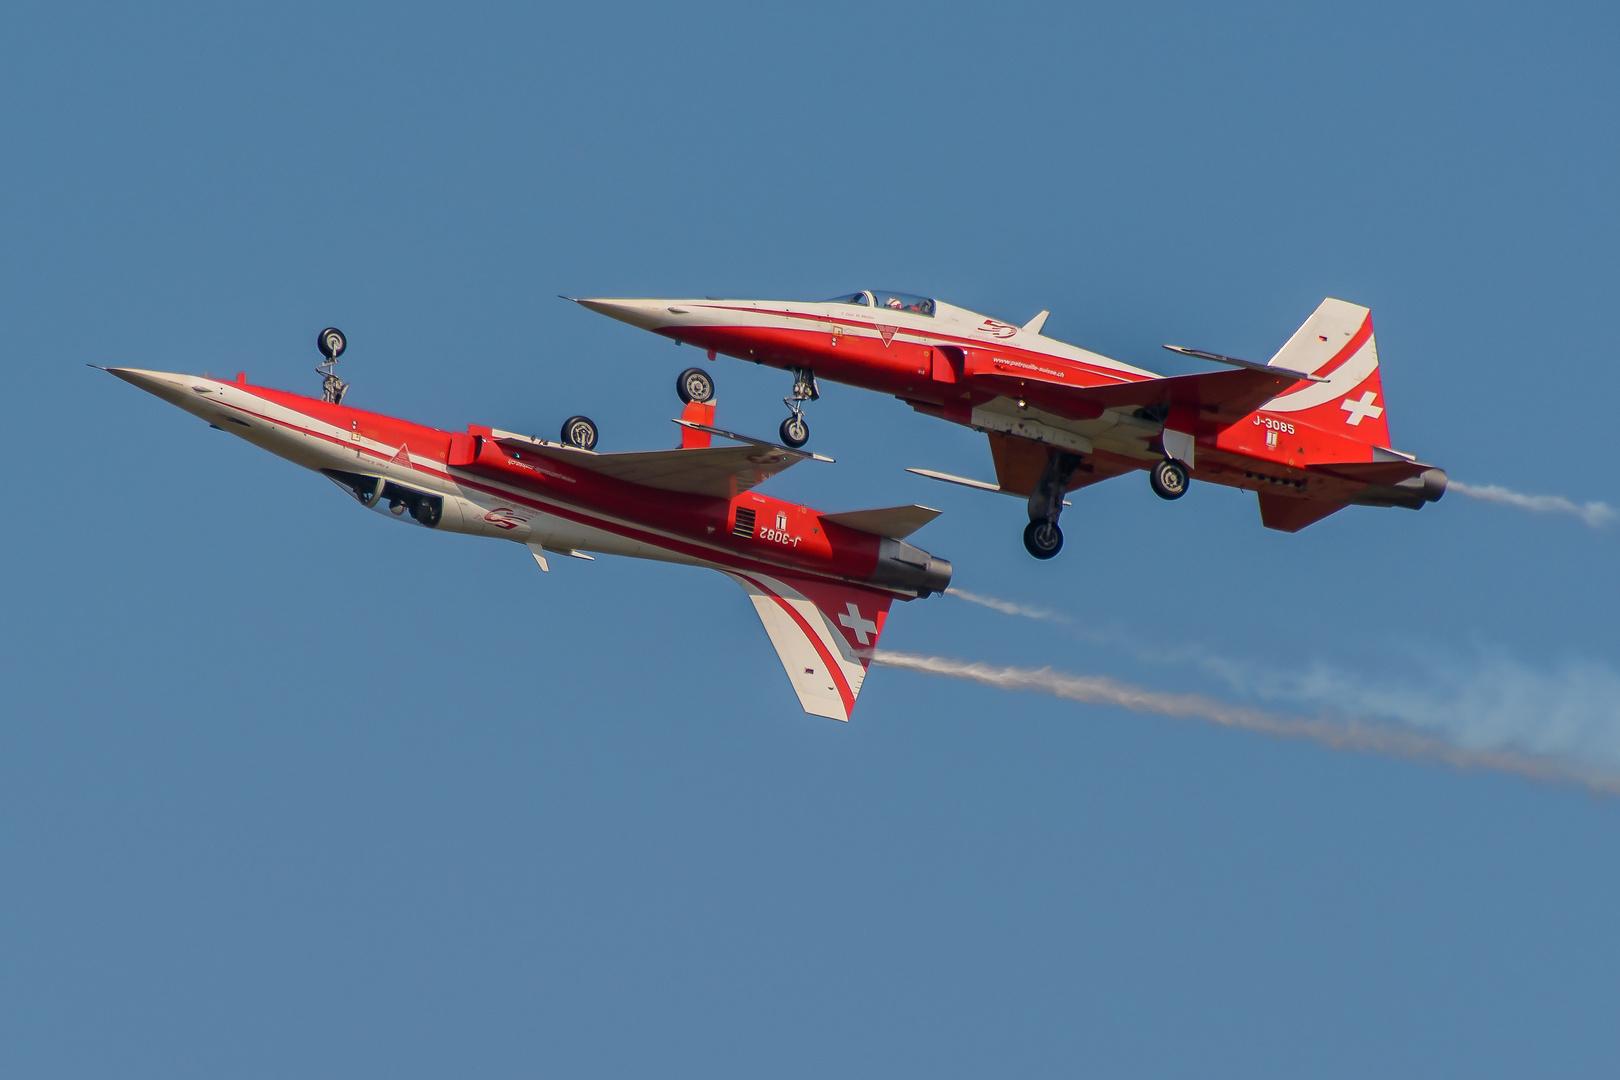 Air-14 04